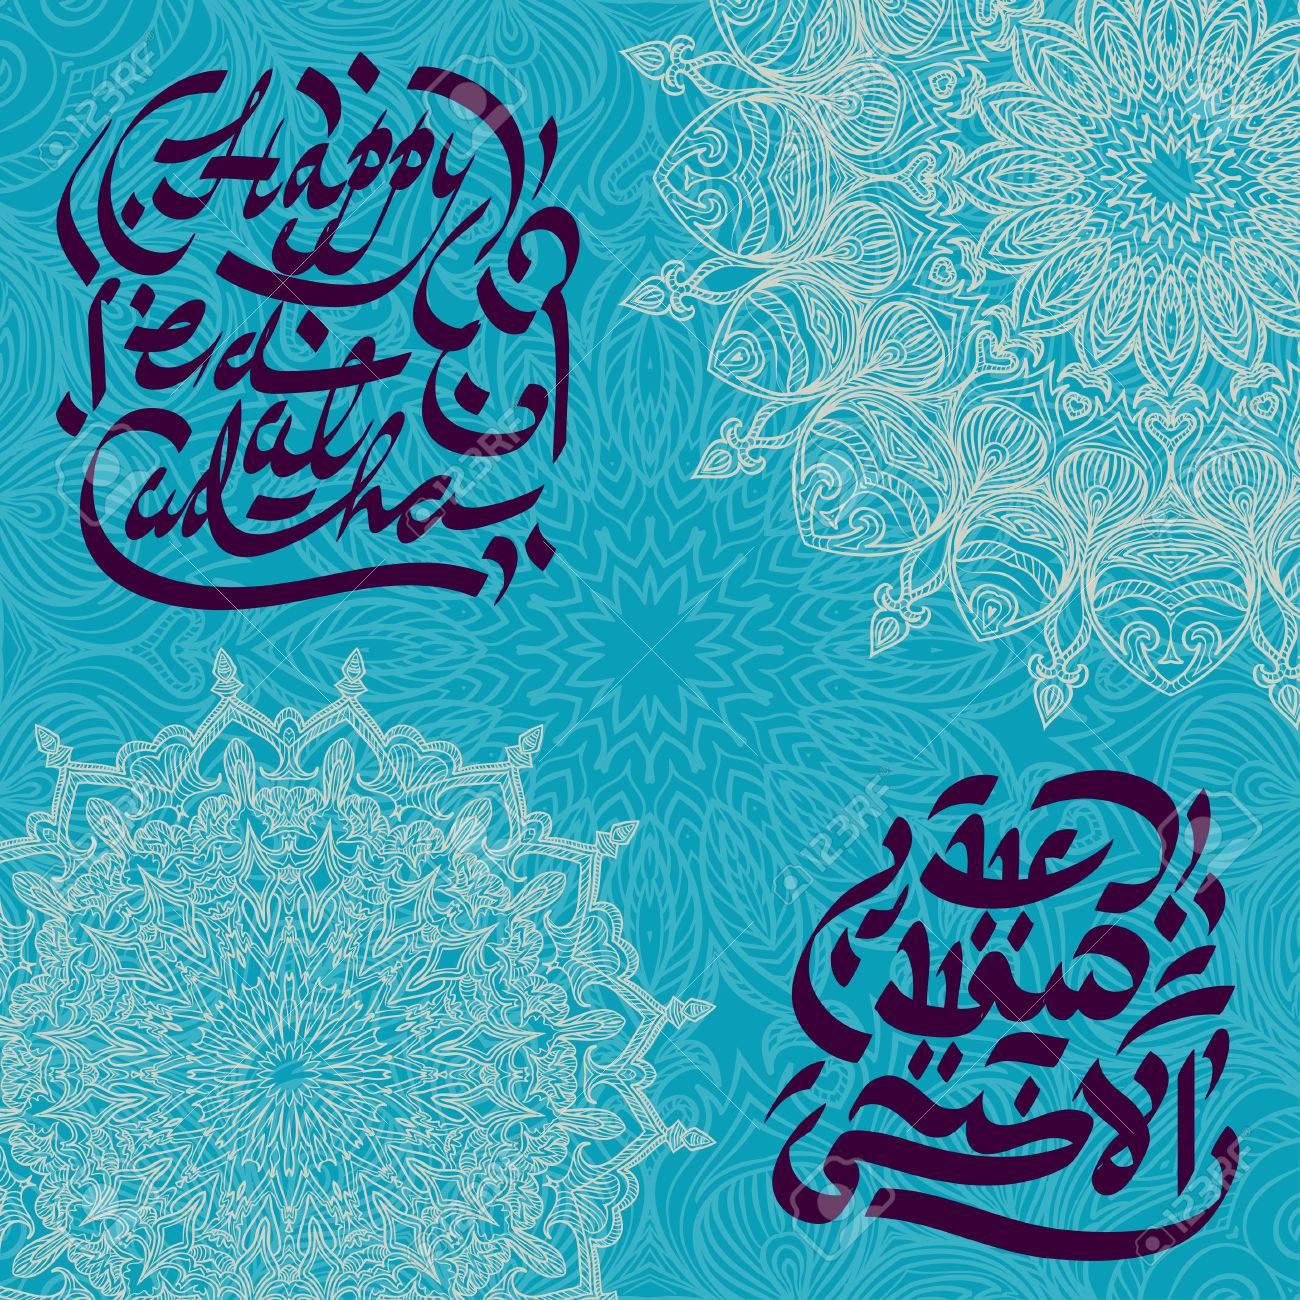 Happy Eid Al Adha Arabic Islamic Calligraphy And Ornate Mandala